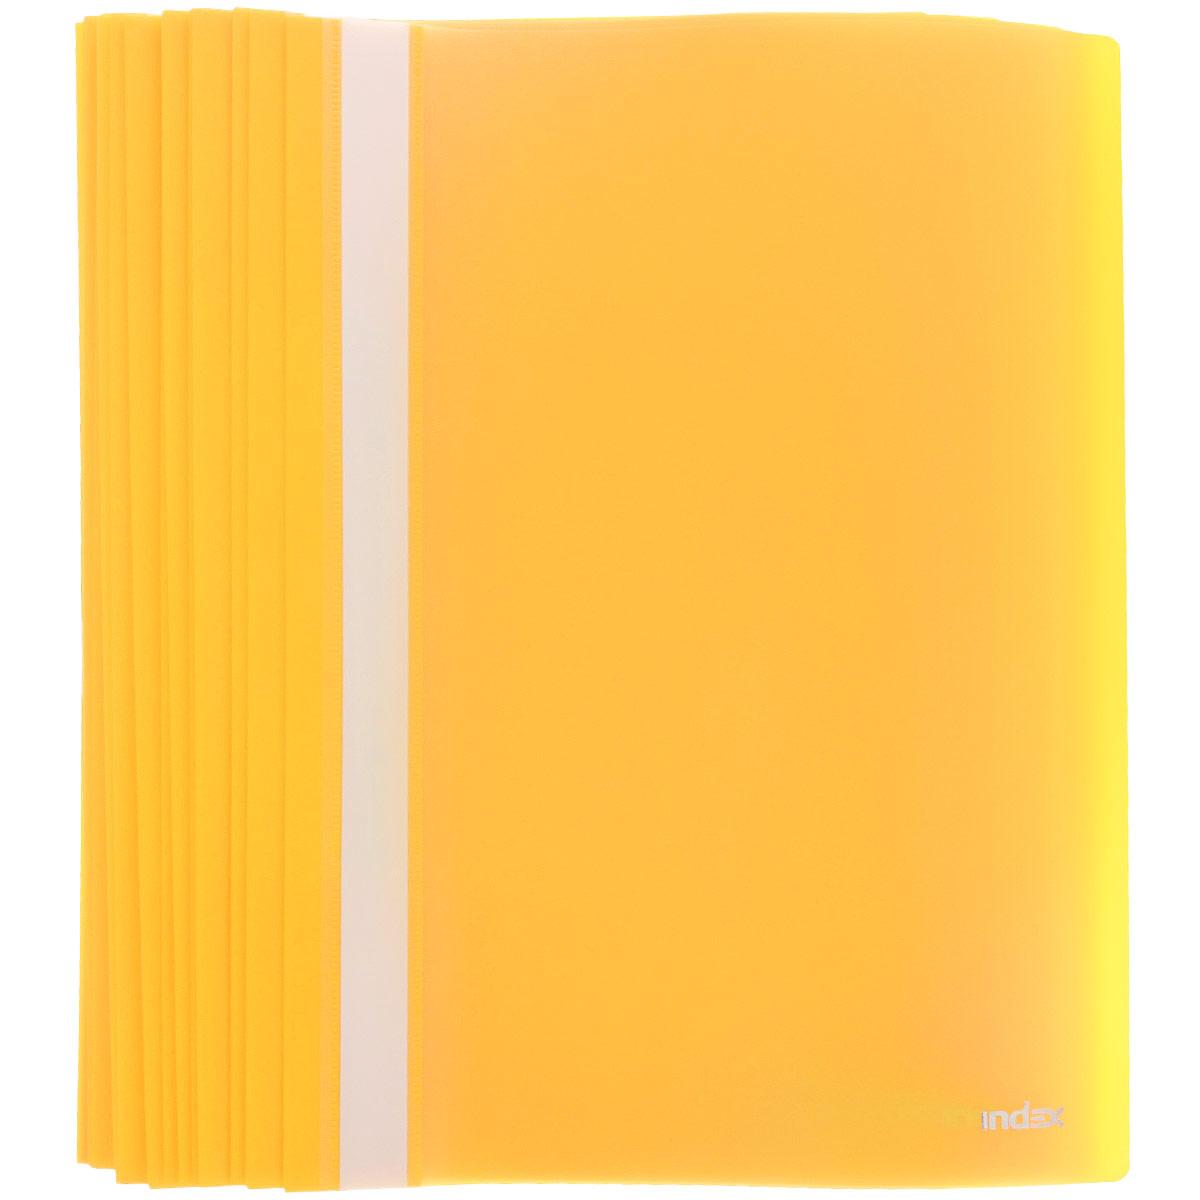 Папка-скоросшиватель Index, цвет: желтый. Формат А4, 20 штI200/YПапка-скоросшиватель Index, изготовленная из высококачественного полипропилена, это удобный и практичный офисный инструмент, предназначенный для хранения и транспортировки рабочих бумаг и документов формата А4. Папка оснащена верхним прозрачным матовым листом и металлическим зажимом внутри для надежного удержания бумаг. В наборе - 20 папок.Папка-скоросшиватель - это незаменимый атрибут для студента, школьника, офисного работника. Такая папка надежно сохранит ваши документы и сбережет их от повреждений, пыли и влаги.Комплектация: 20 шт.